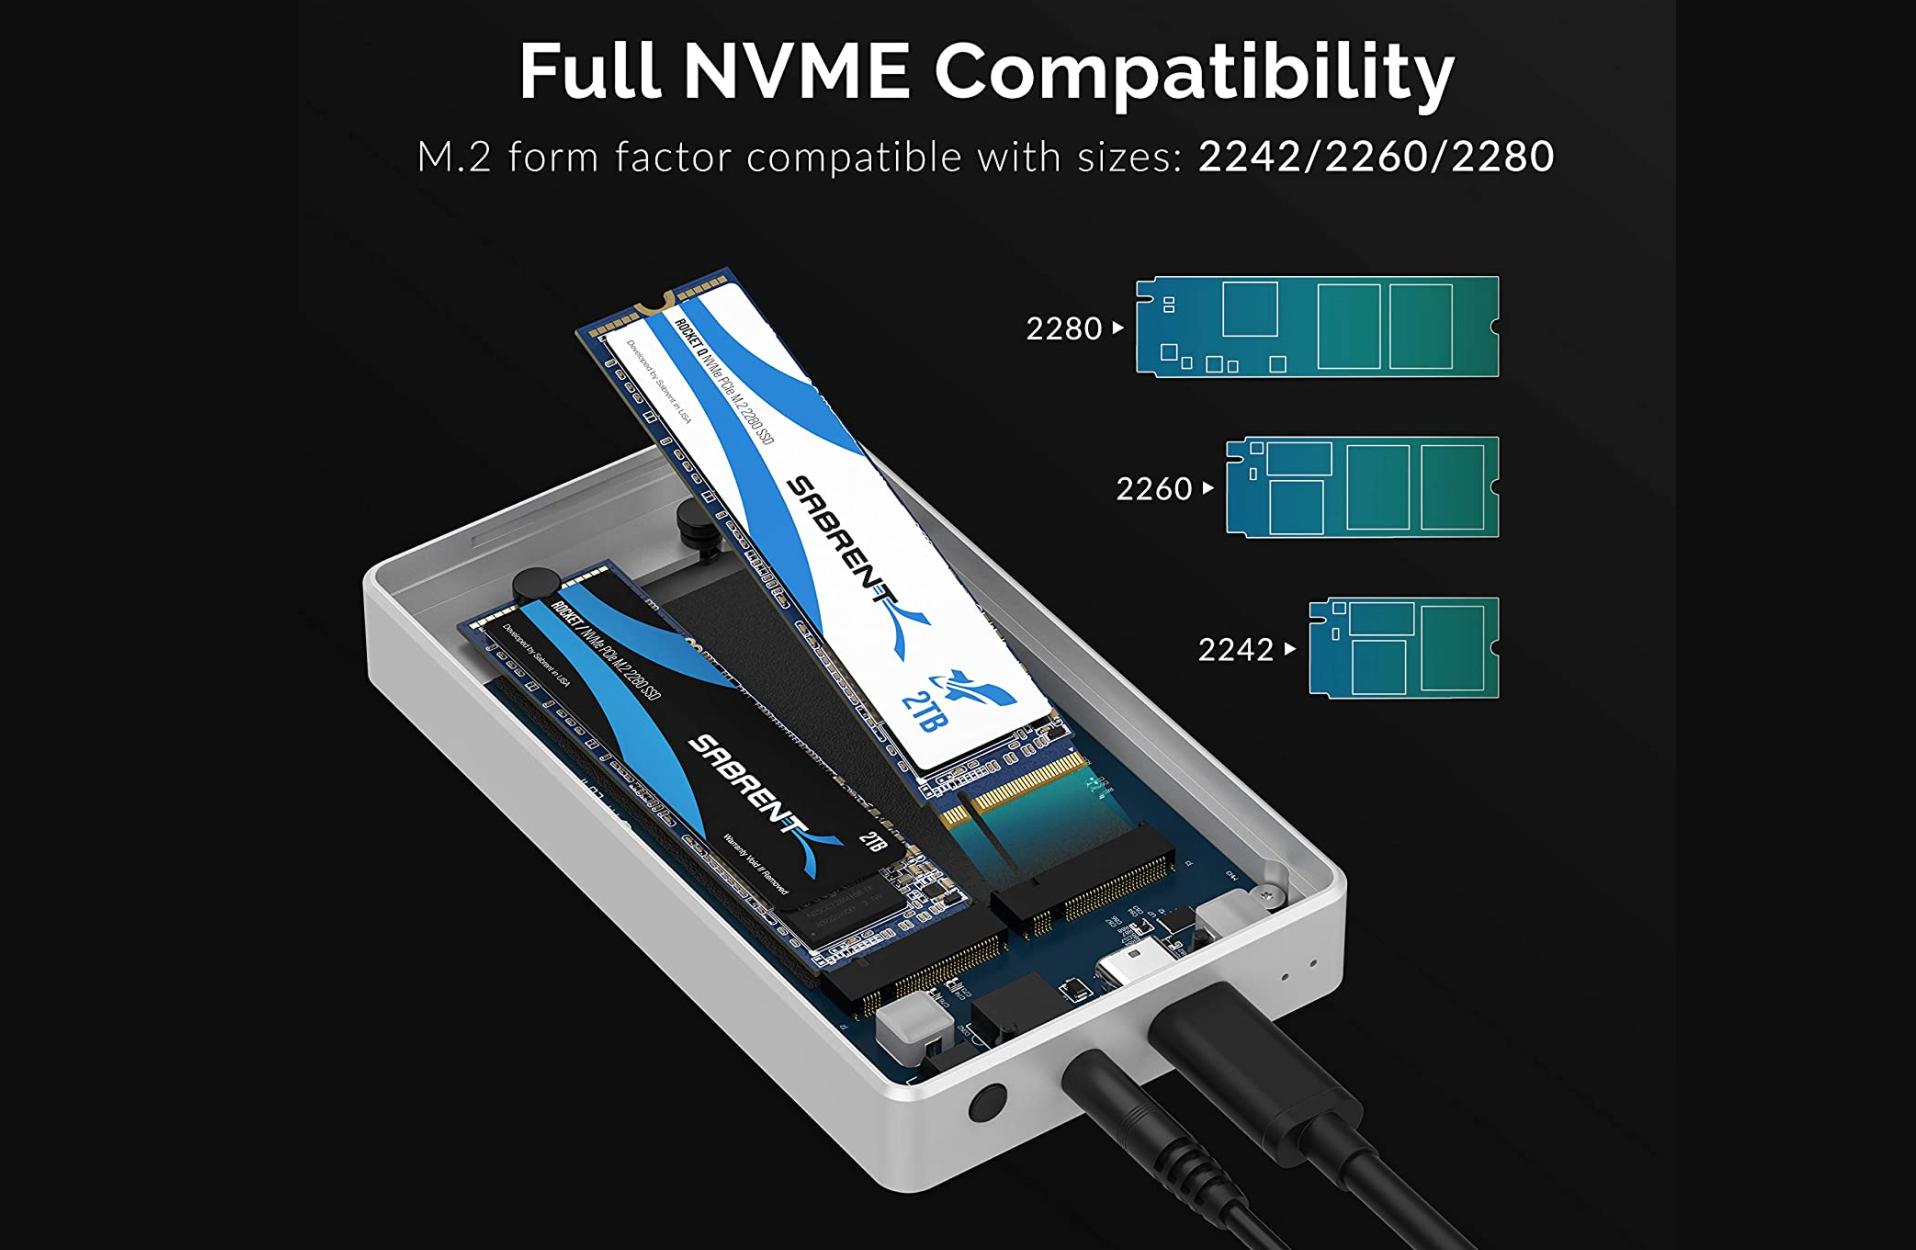 Prodotto con custodia SSD